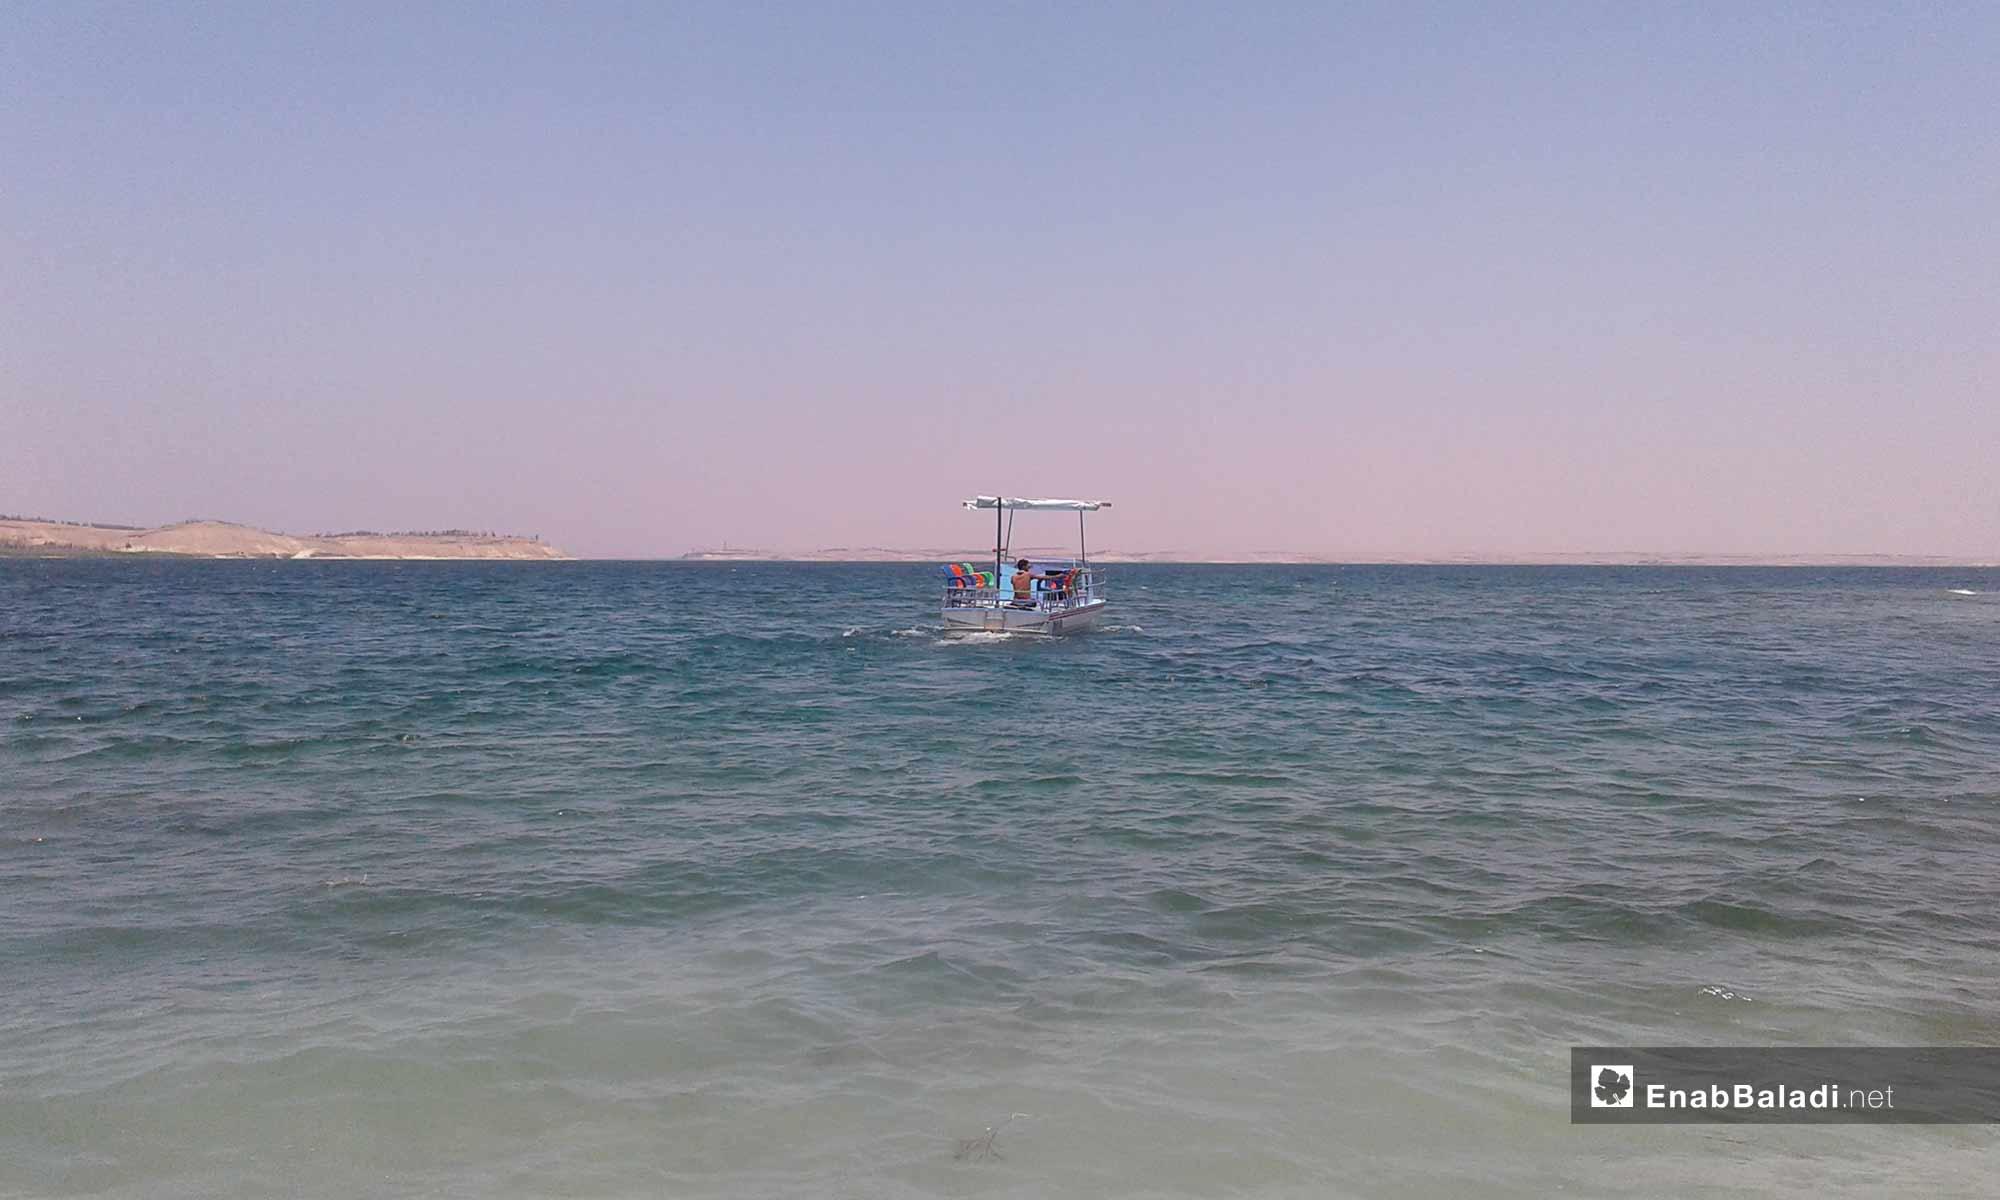 البحيرة الواسعة في مدينة الطبقة بالرقة - 13 من آب 2018 (عنب بلدي)